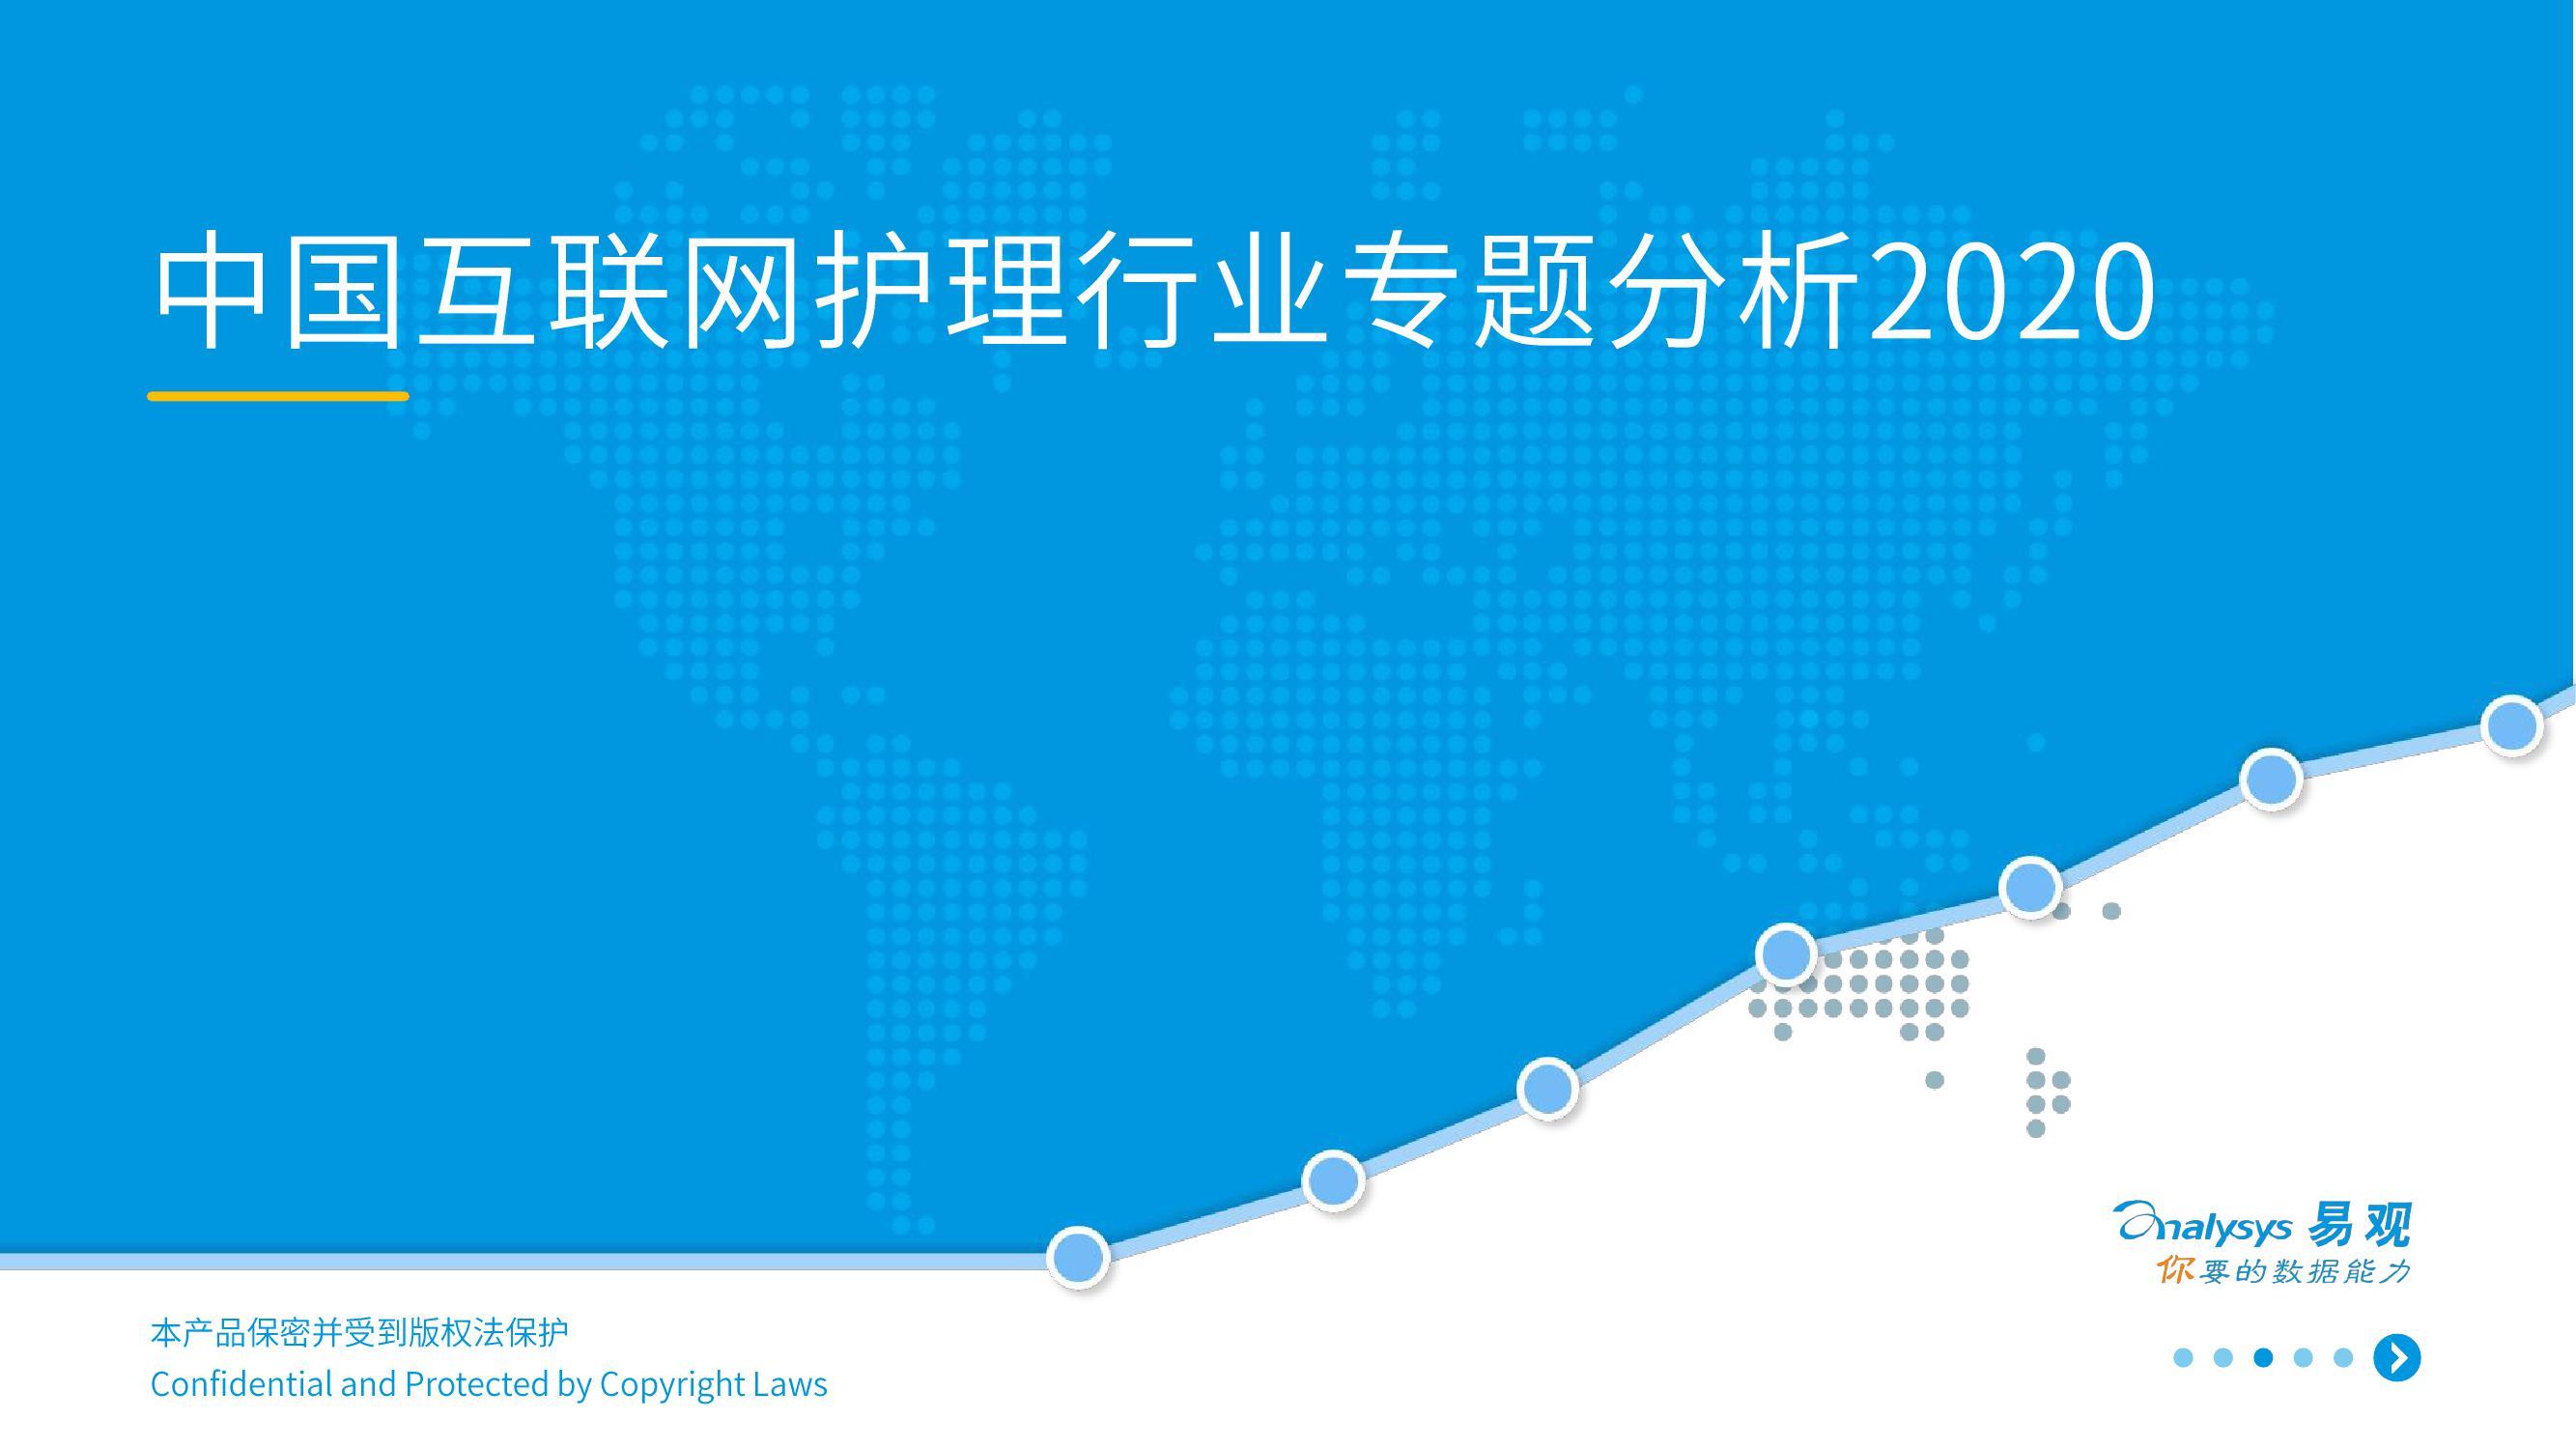 易观:2020年中国互联网护理行业专题分析(附下载)